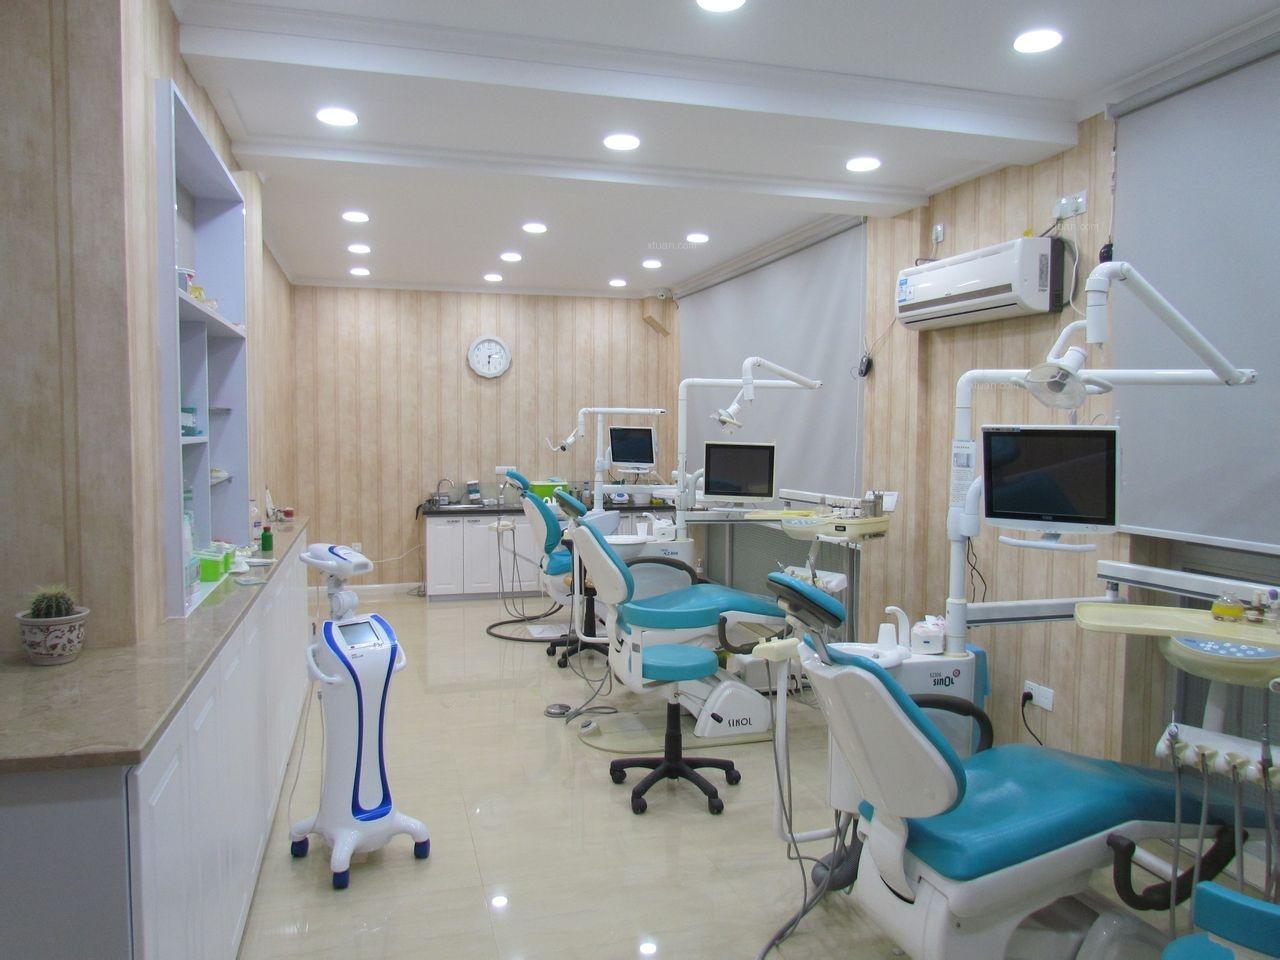 成都专业牙科诊所设计装修效果图